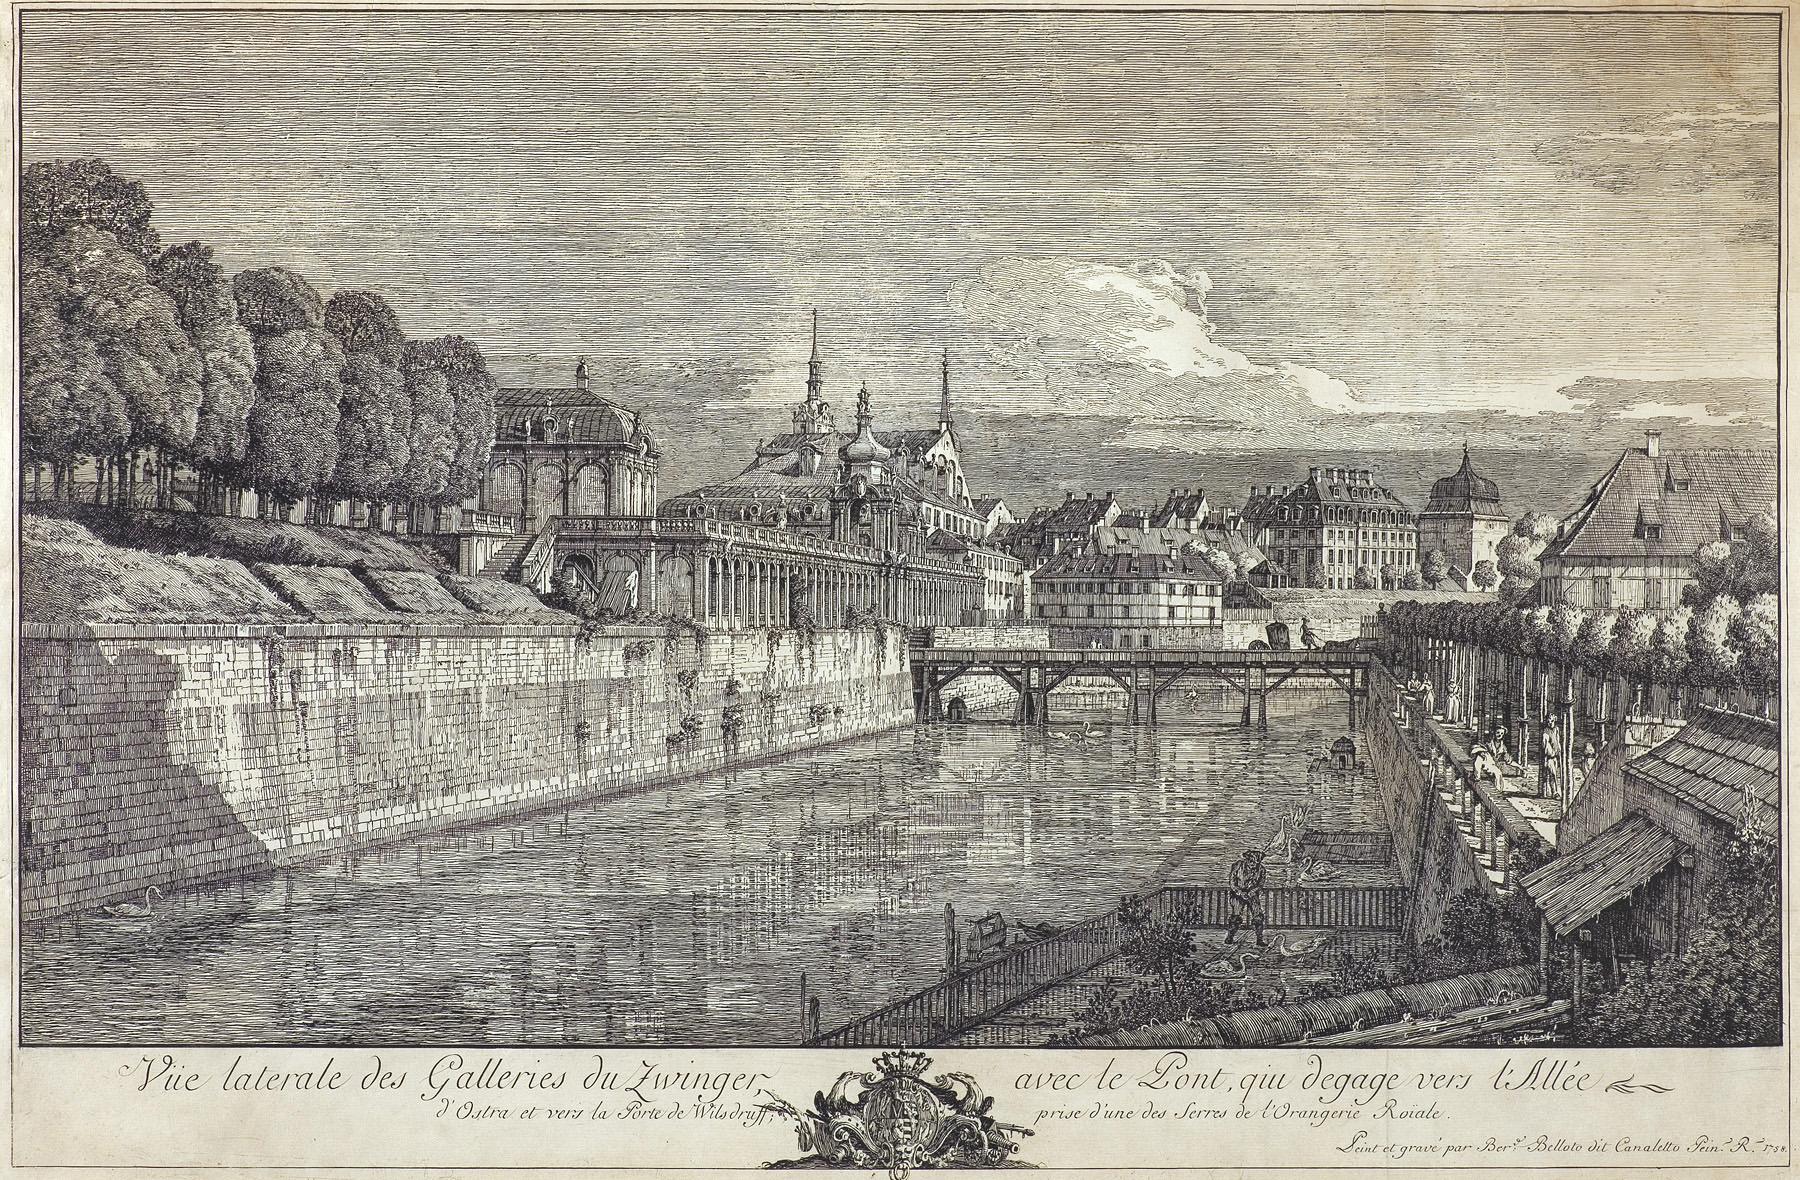 WIDOK GALERII ZWINGER W DREŹNIE, 1758